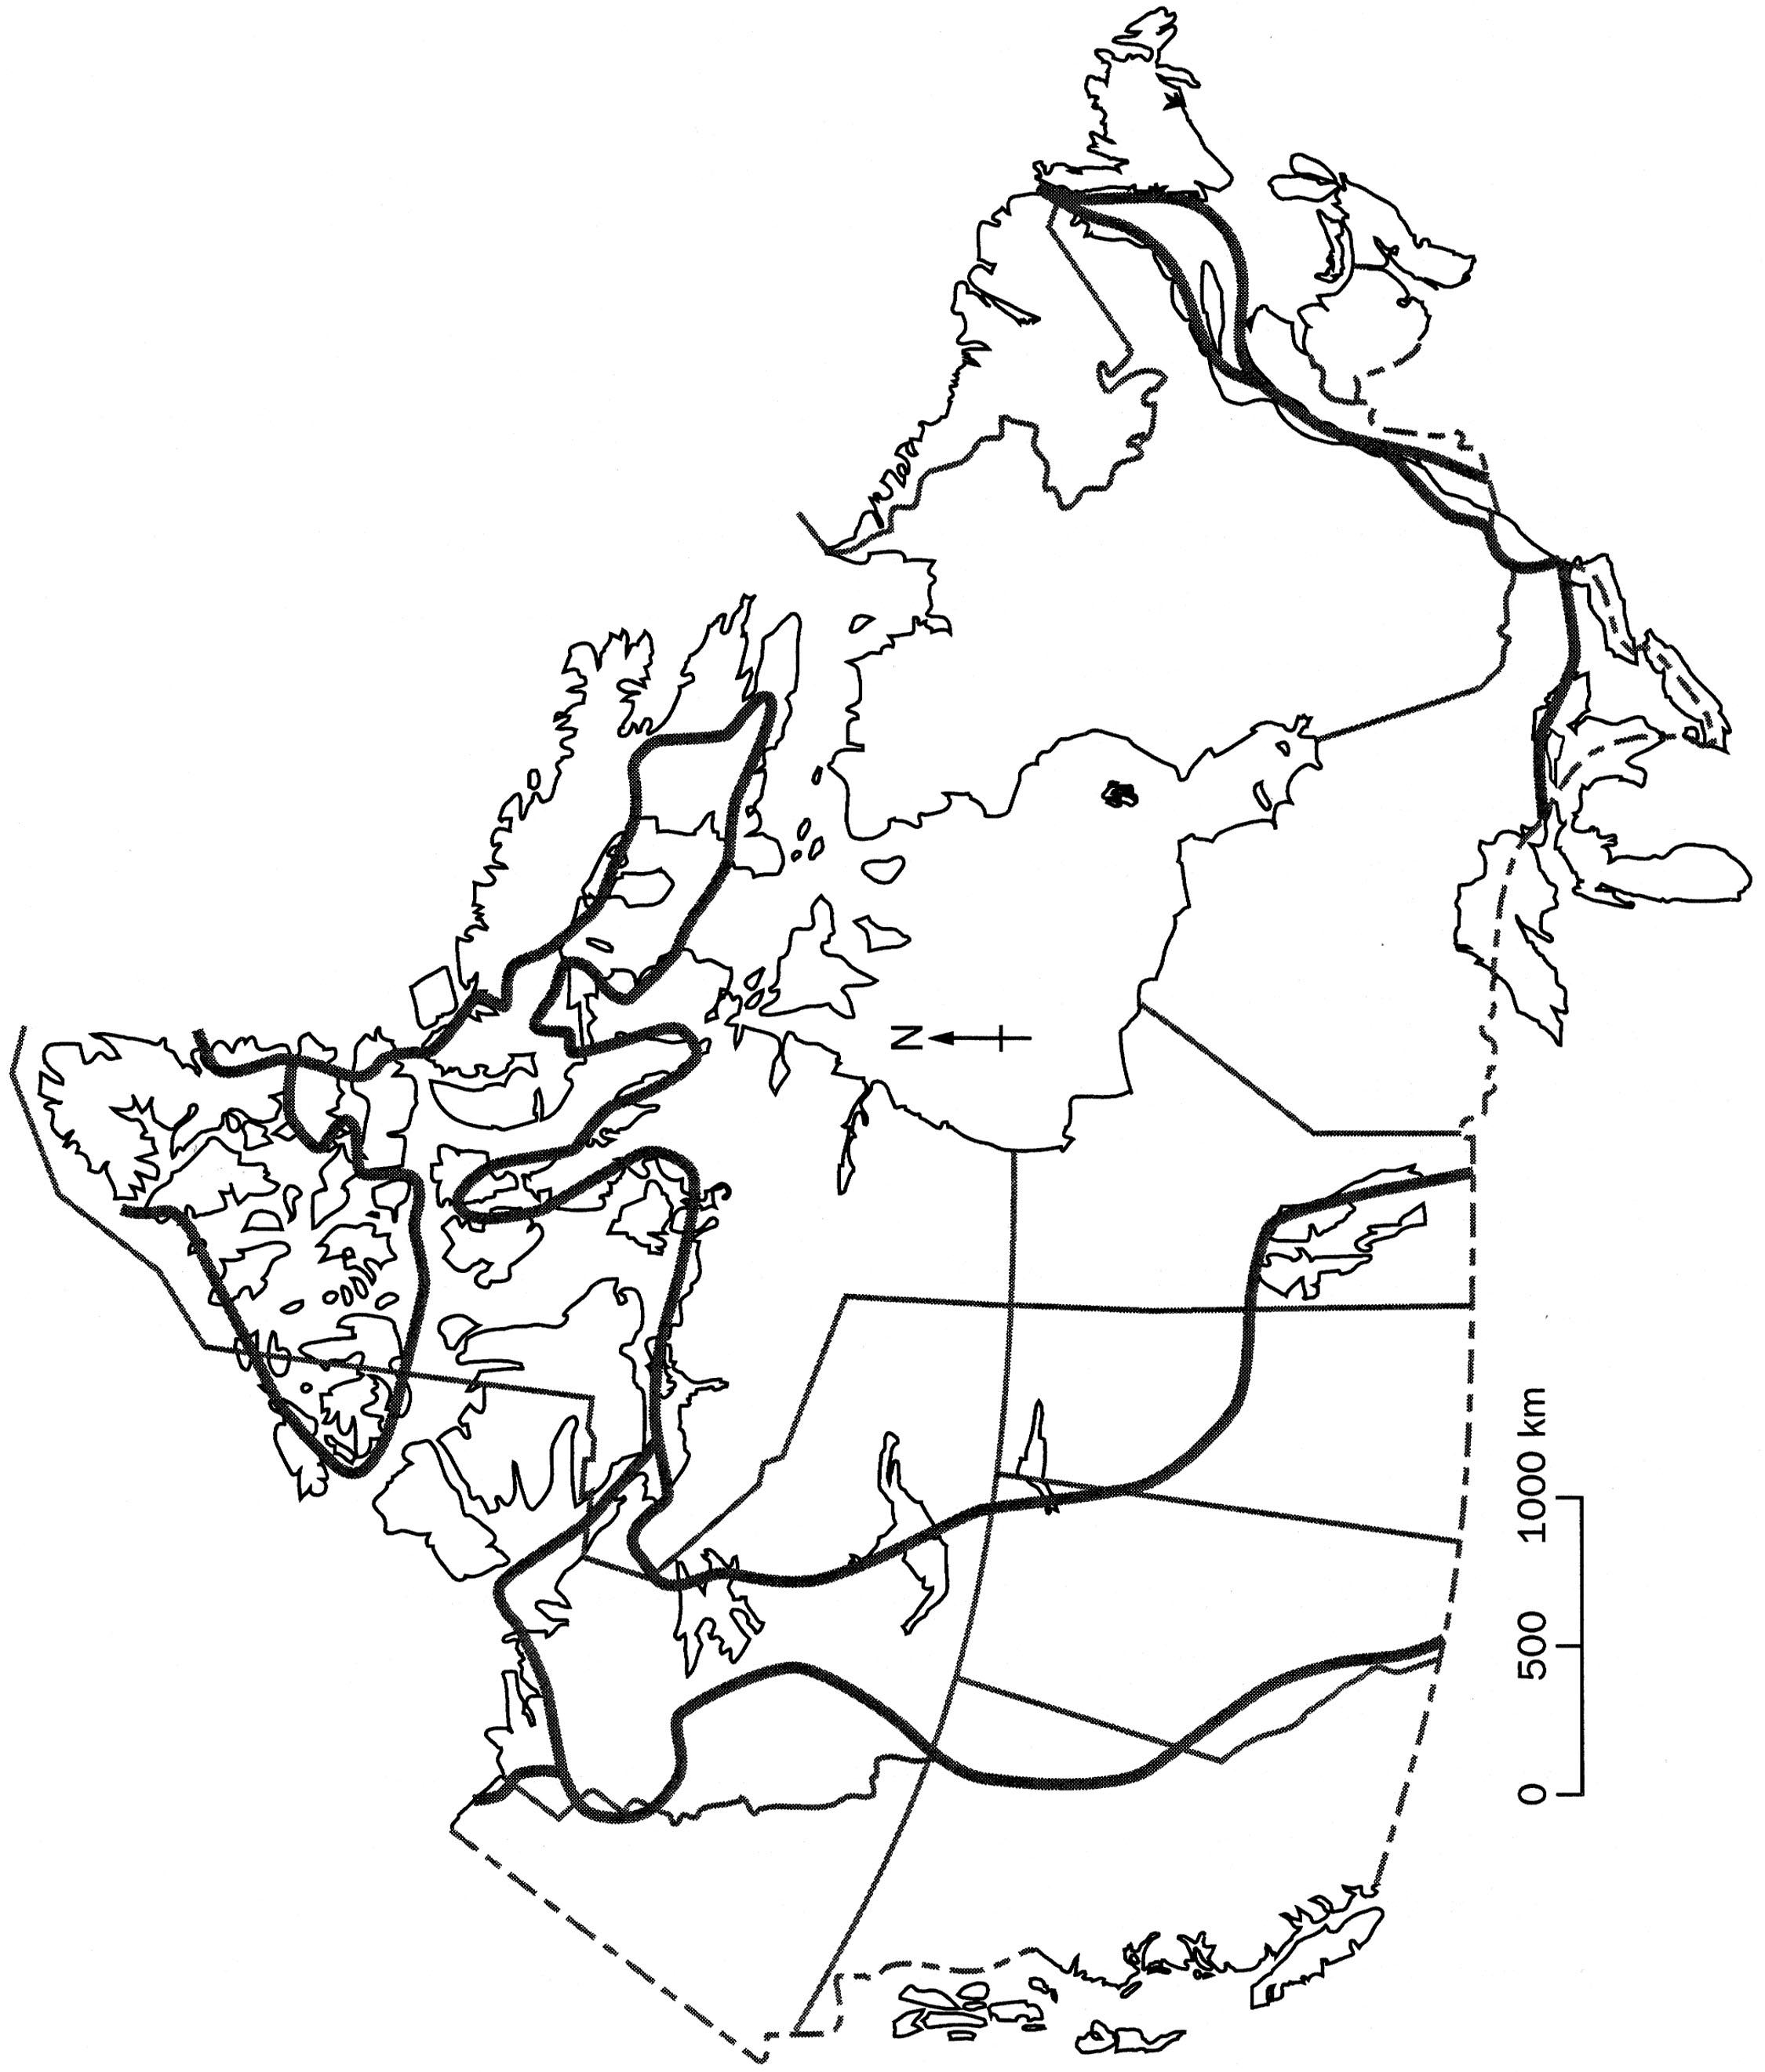 Landform Regions